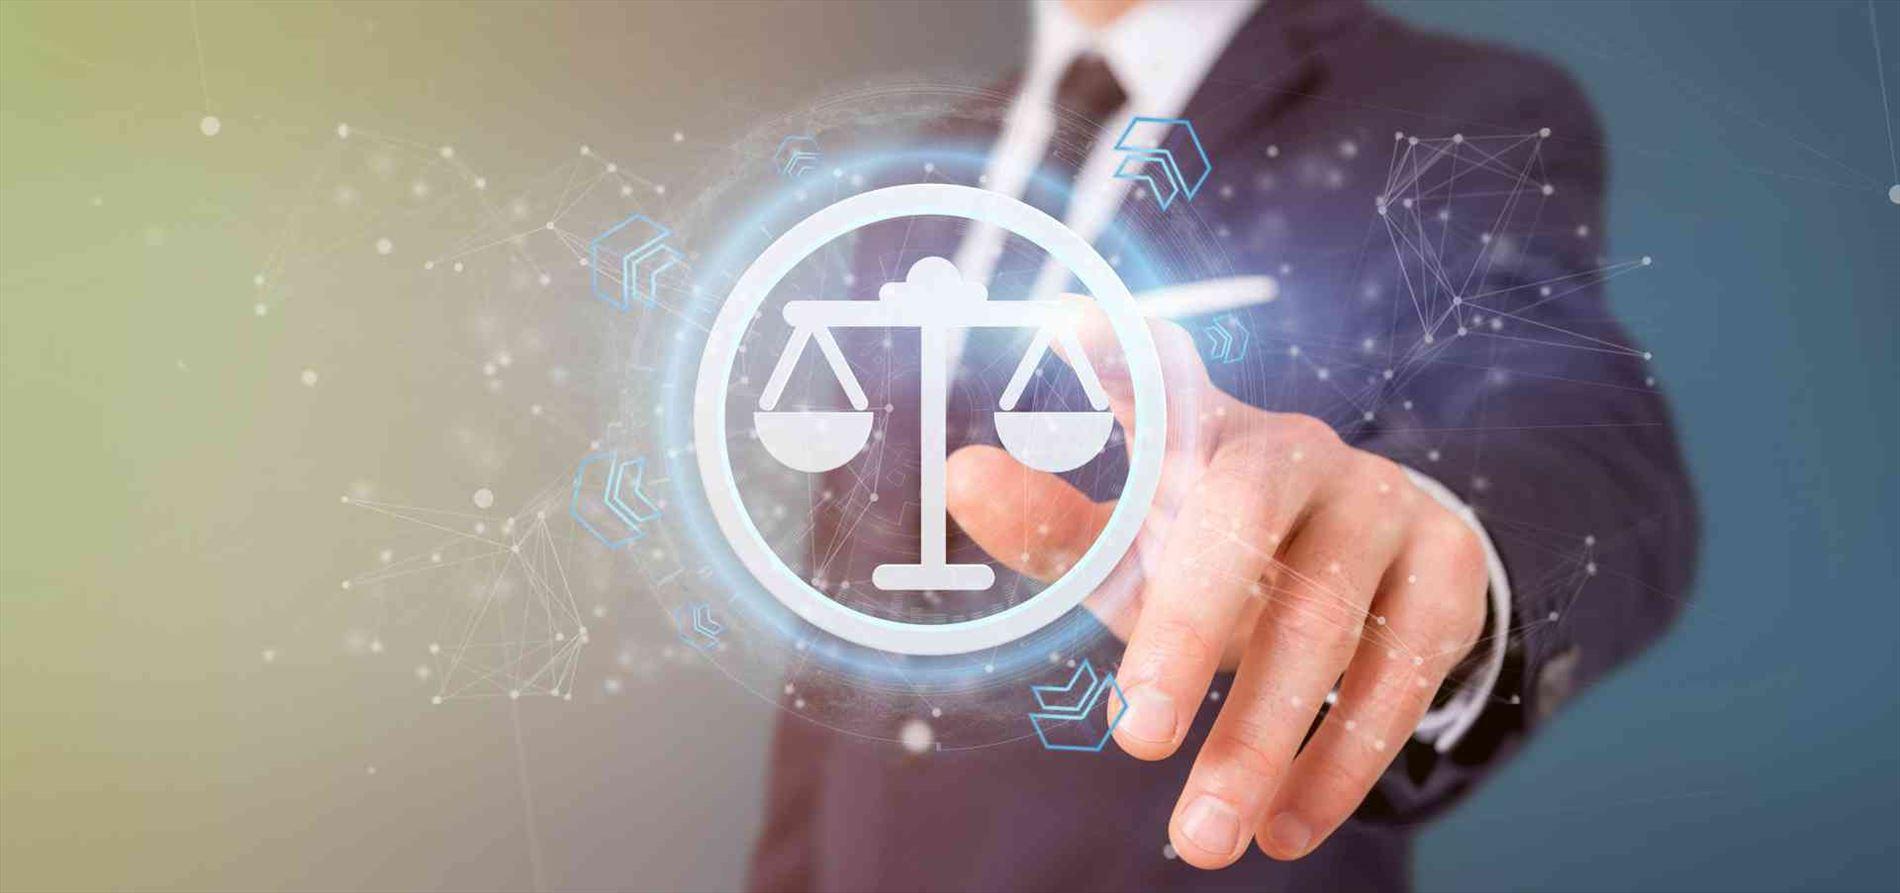 אדם נוגע באייקון טכנולוגי של מאזניים - חוויה של טכנולוגיה ובניית אתרים לעורכי דין